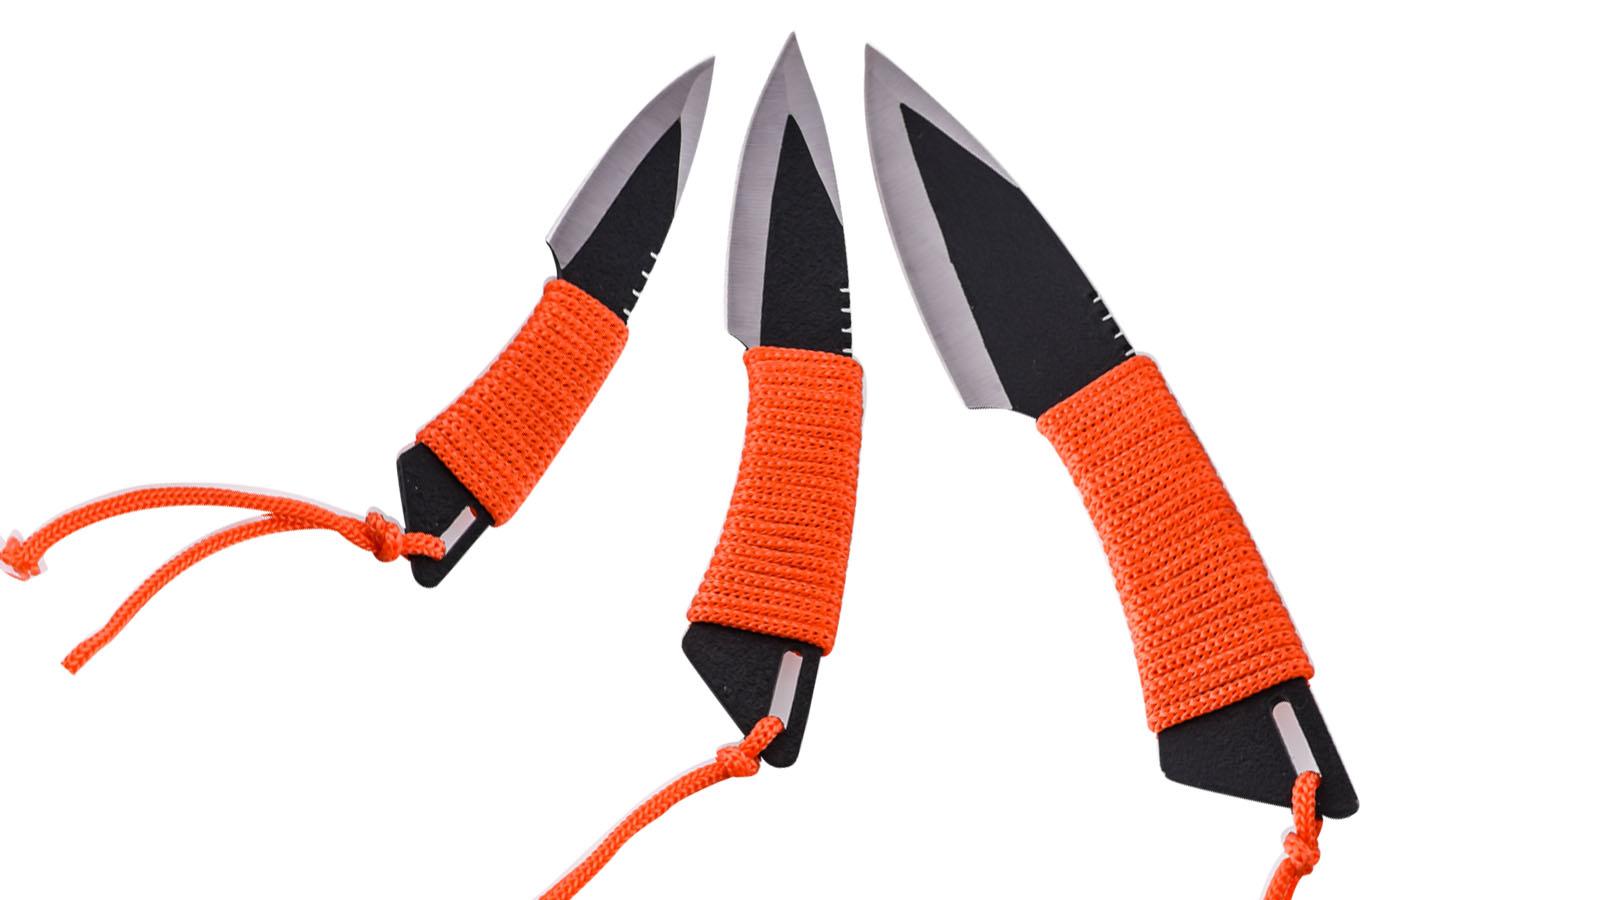 Ножи Perfect Point RC-270-3 на выгодных условиях в Военпро